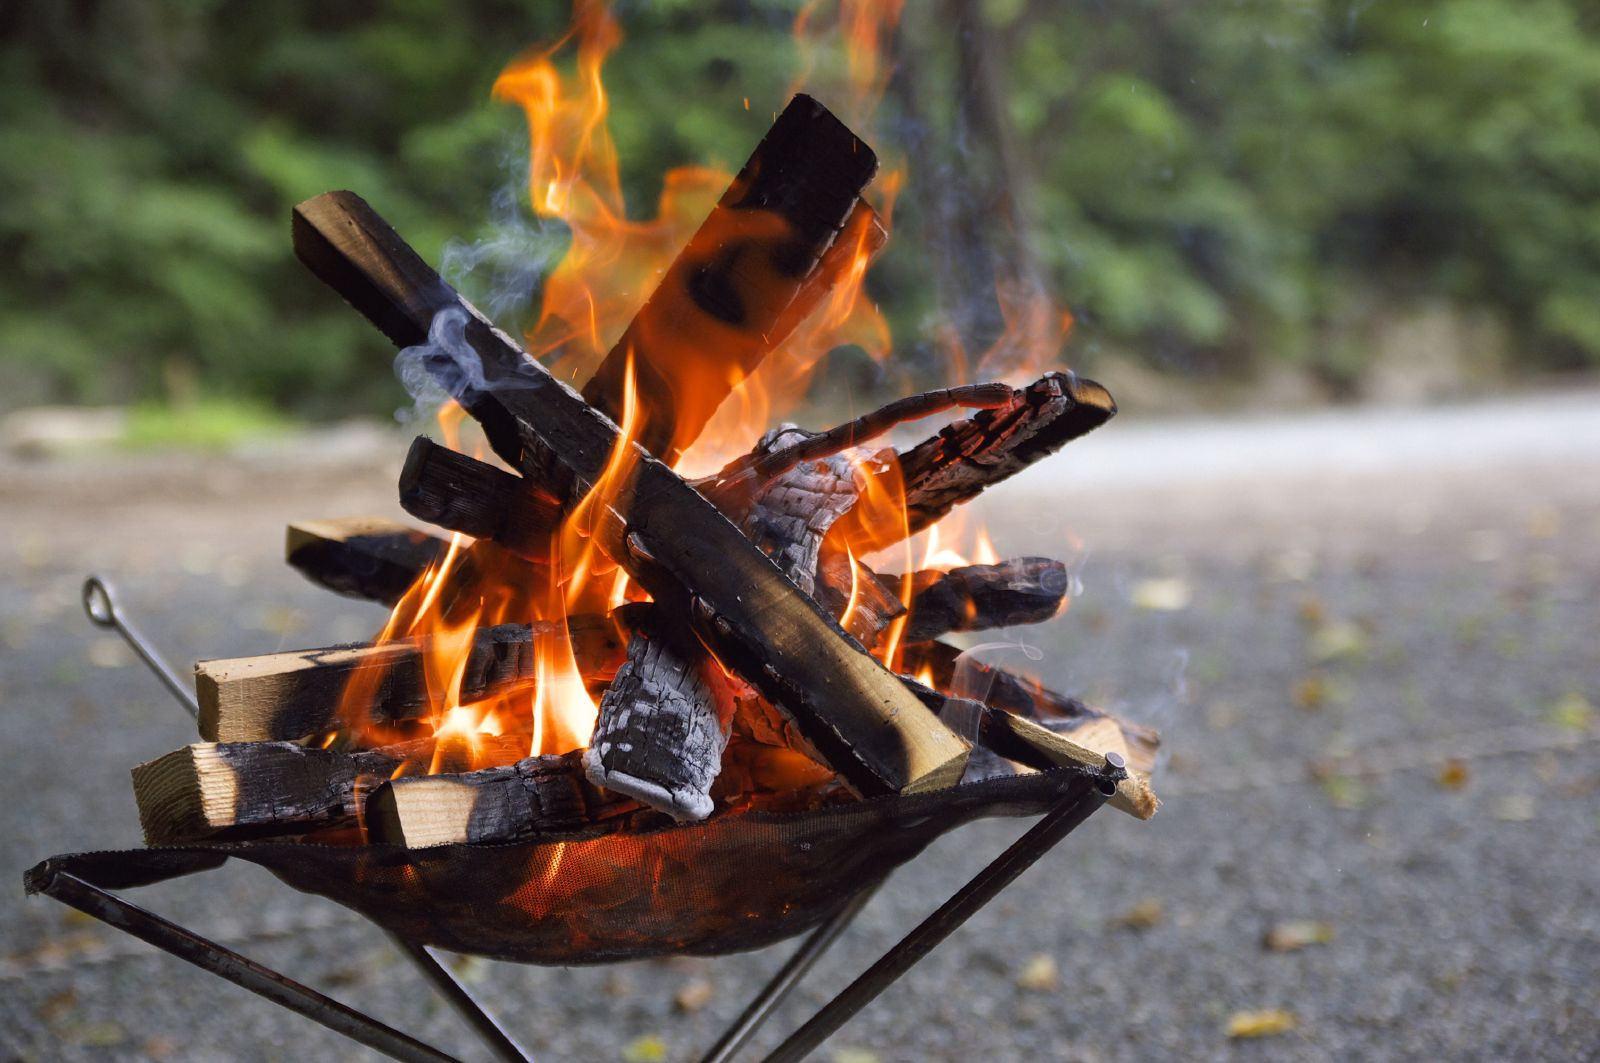 焚き火を最大限楽しむために押さえておきたいたった3つのポイント。コツを知ってキャンプを楽しもう♪